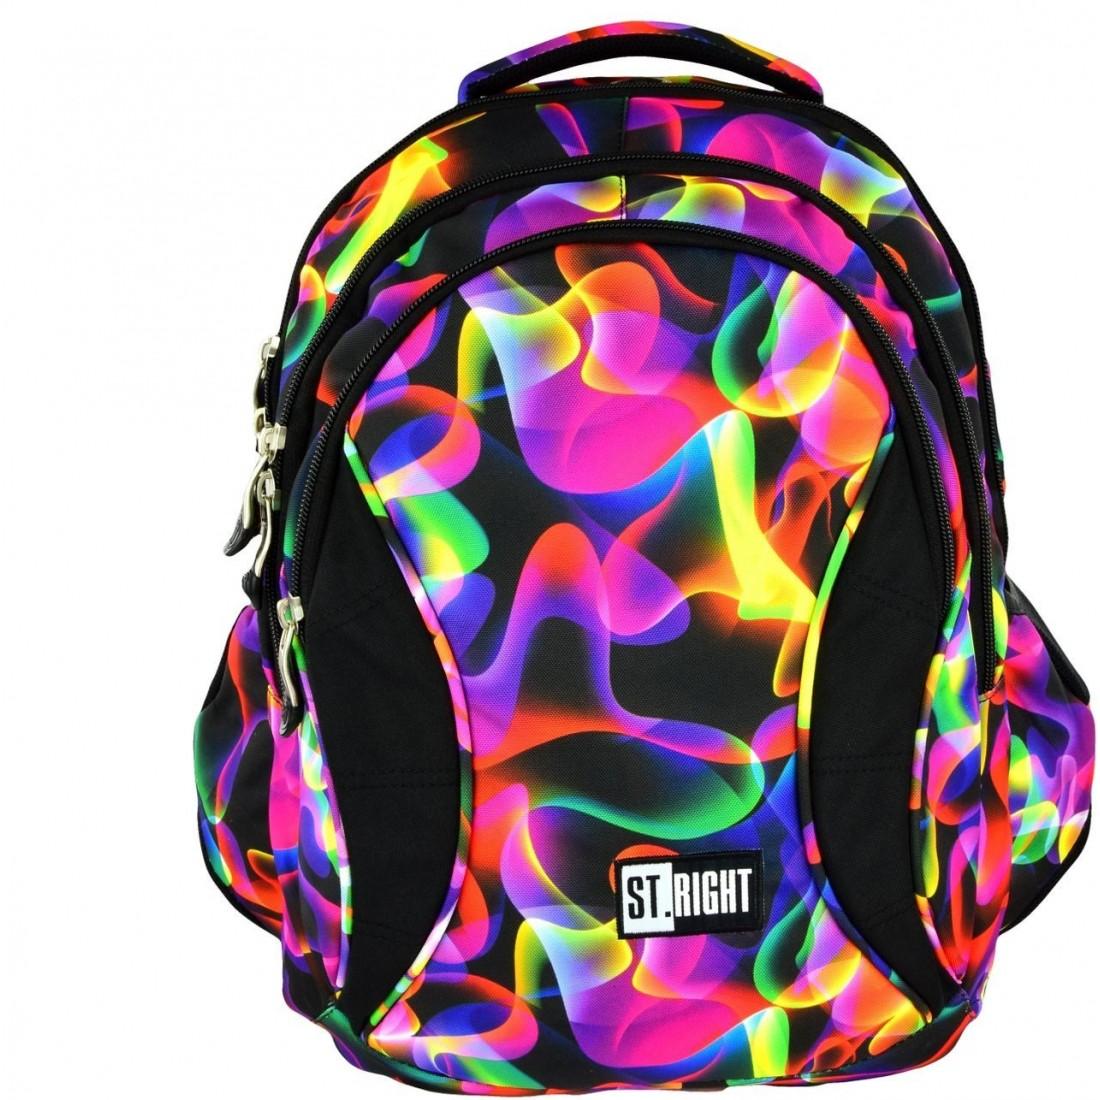 d273378d9a9cc Plecak szkolny 02 ST.RIGHT Illusion kolorowe fale dla dziewczynki ...